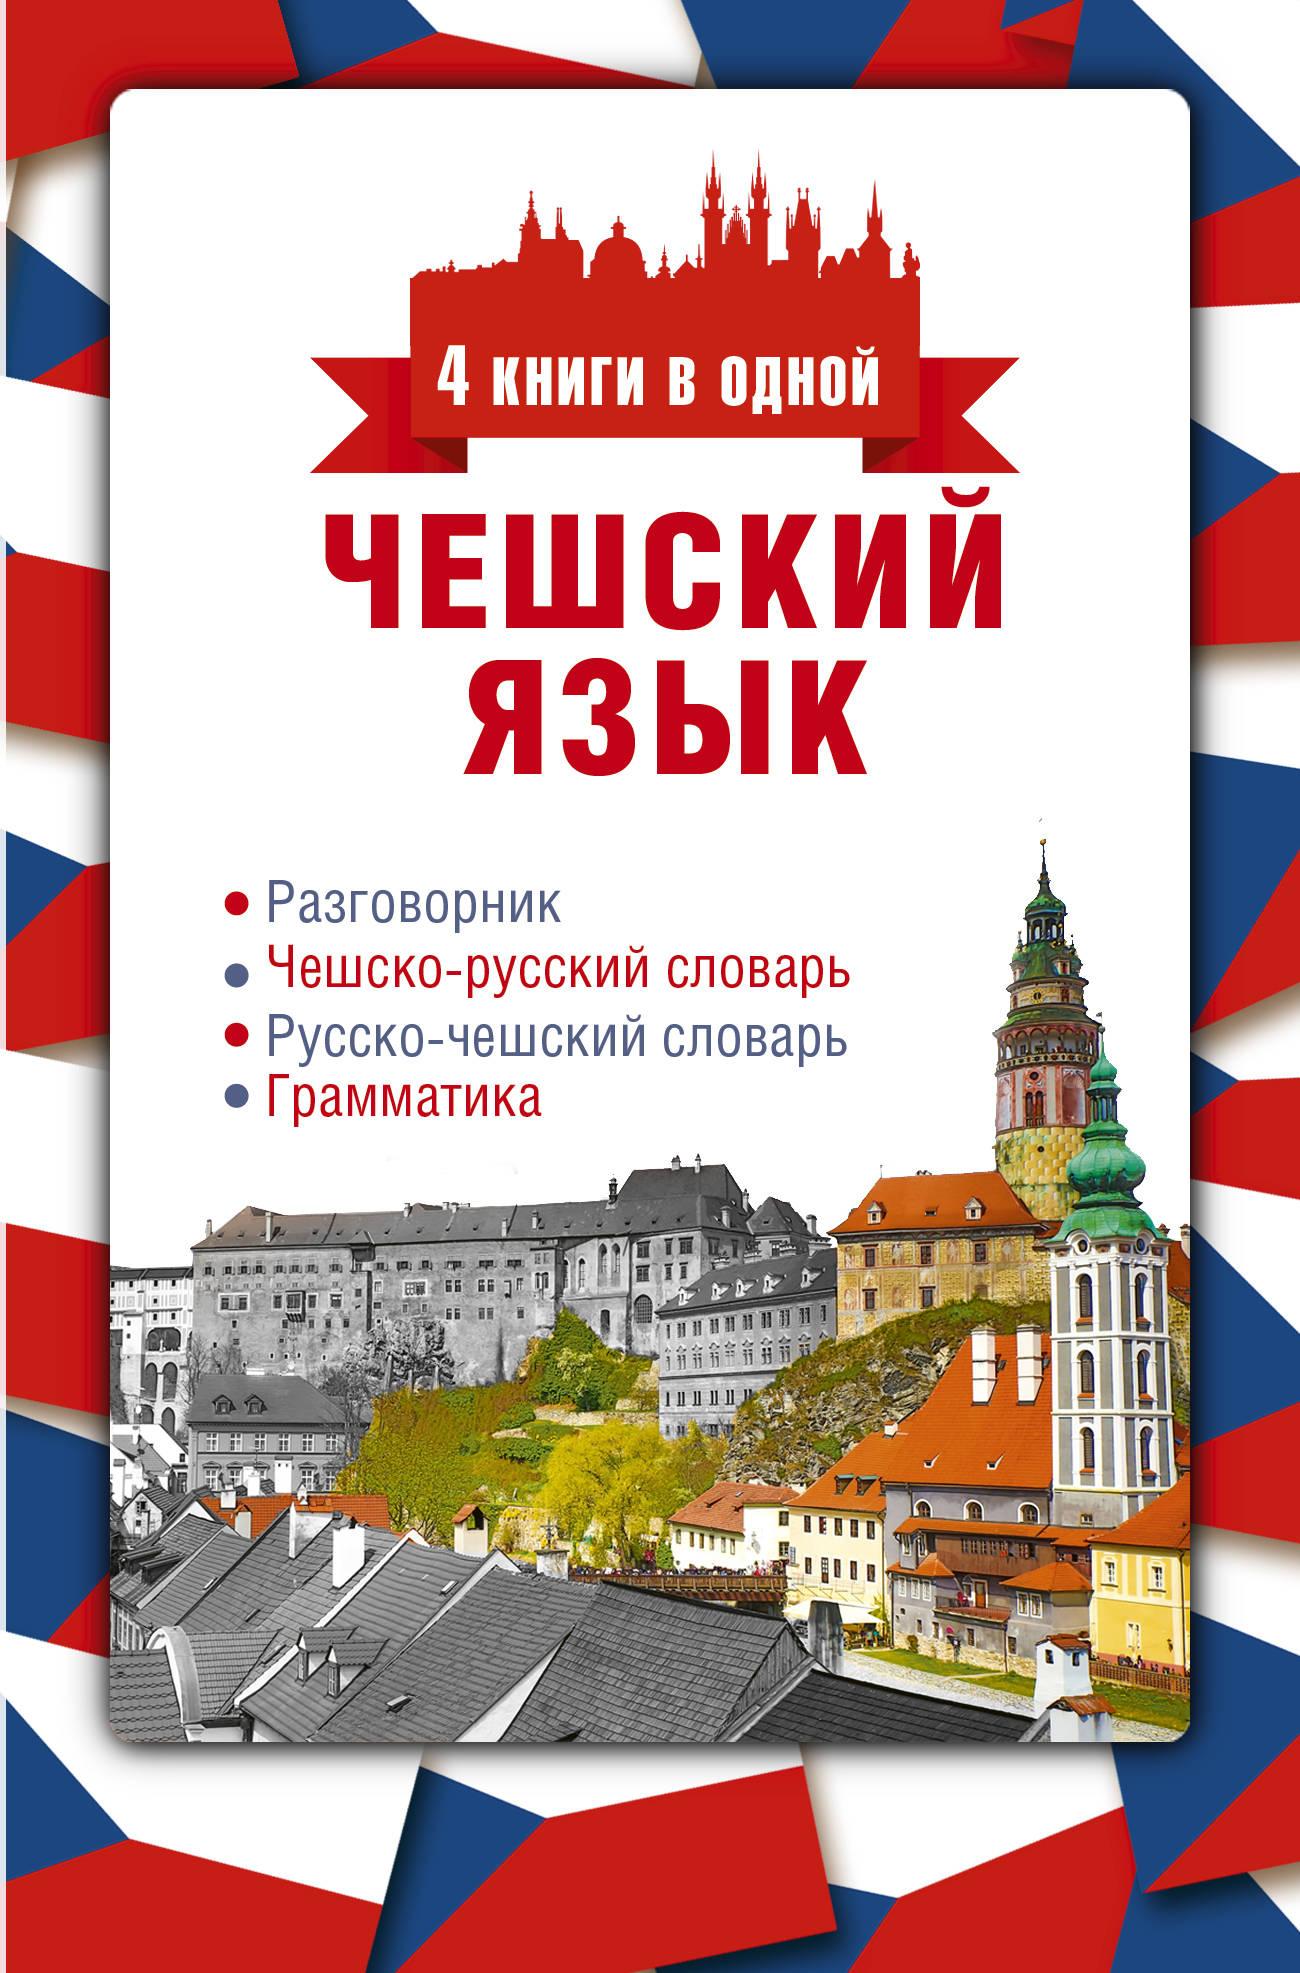 Cheshskij jazyk. 4 knigi v odnoj: razgovornik, cheshsko-russkij slovar, russko-cheshskij slovar, grammatika